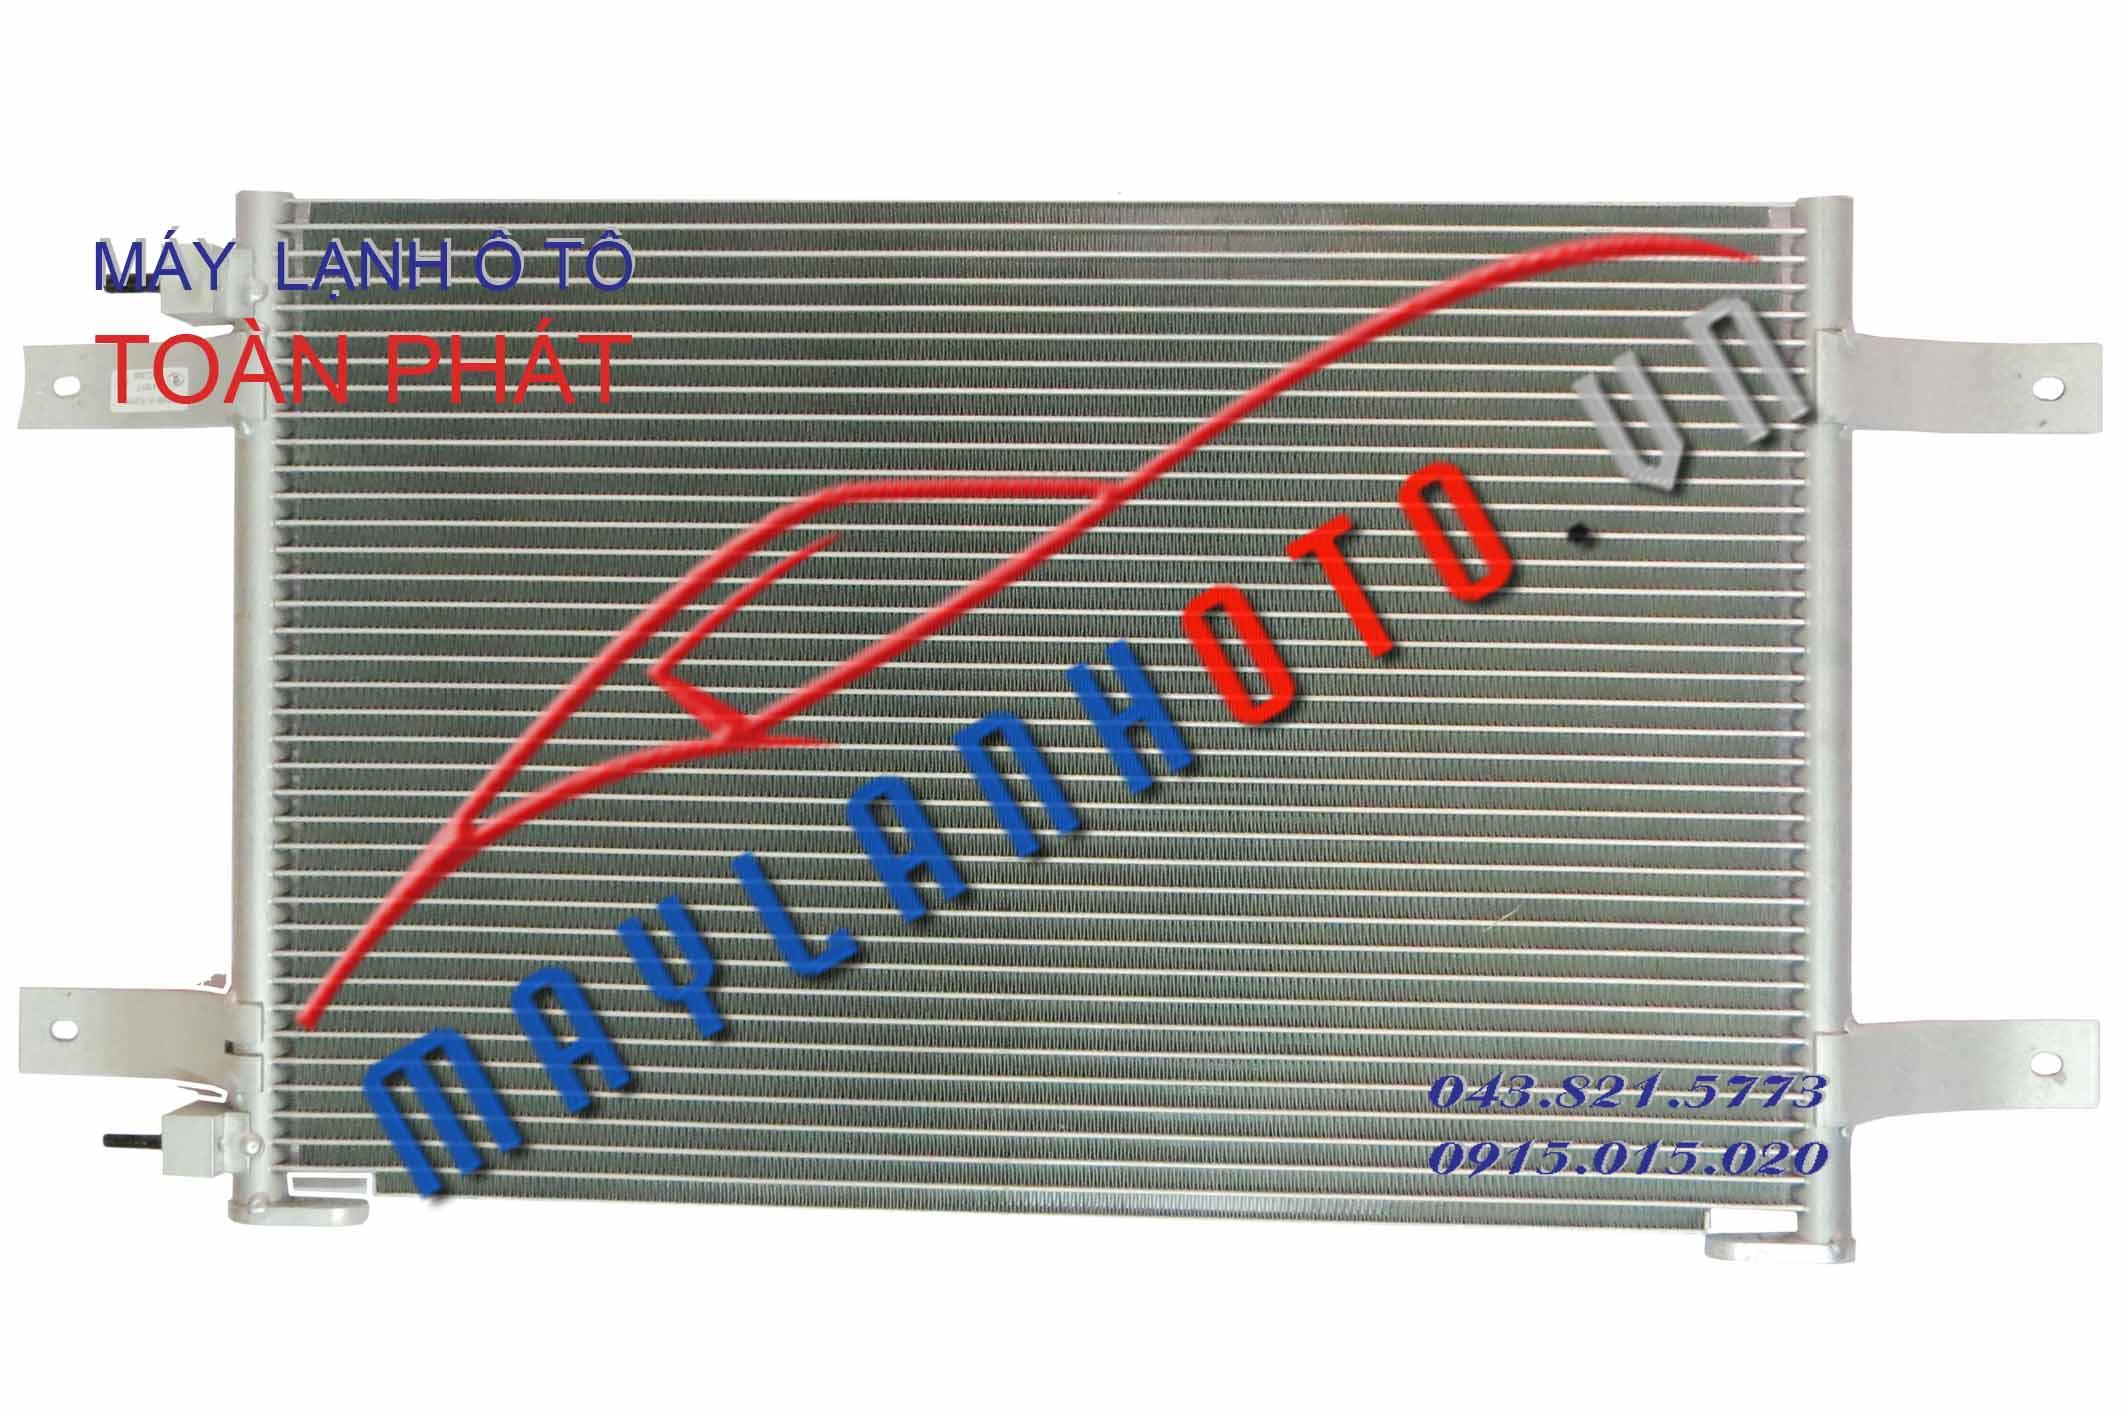 15-24 tấn không phin  / Giàn nóng điều hòa Hyundai 15-24 tấn / Dàn nóng điều hòa Hyundai 15-24 tấn